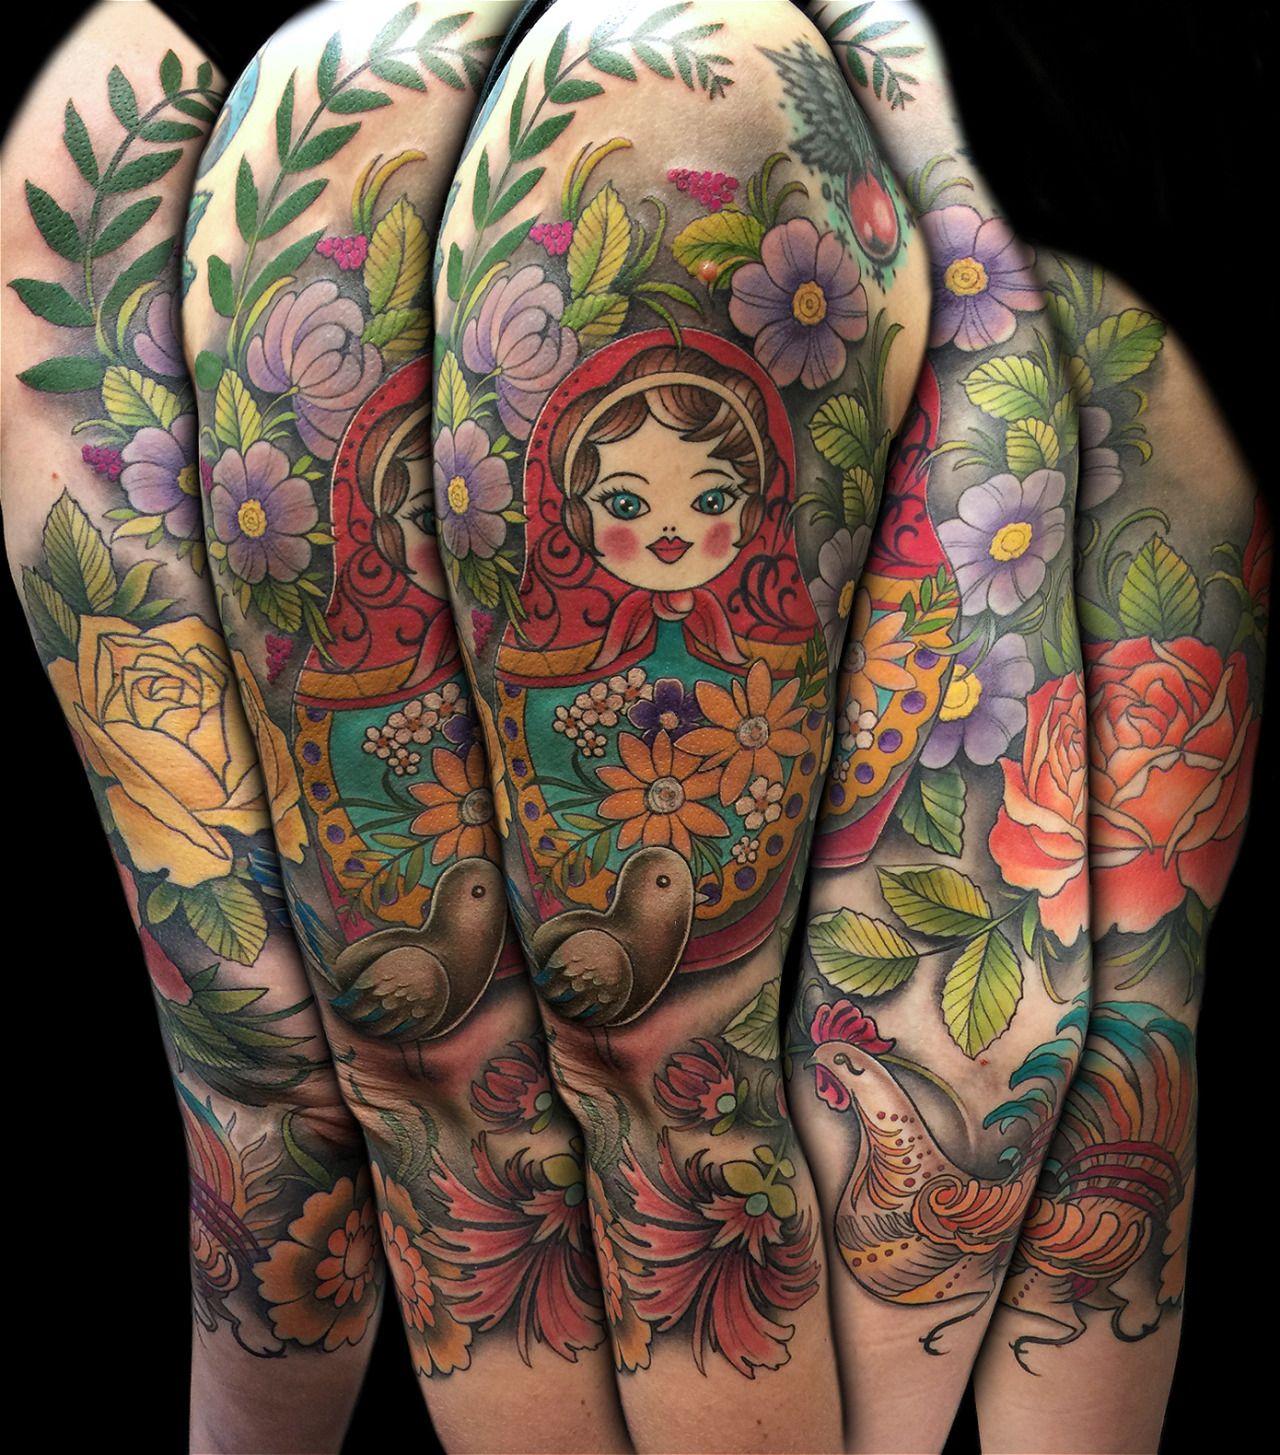 f8d743c98aa03 Russian Folk Art ¾ Sleeve Tattoo by David Mushaney, Dallas, TX  www.DMTattoos.com